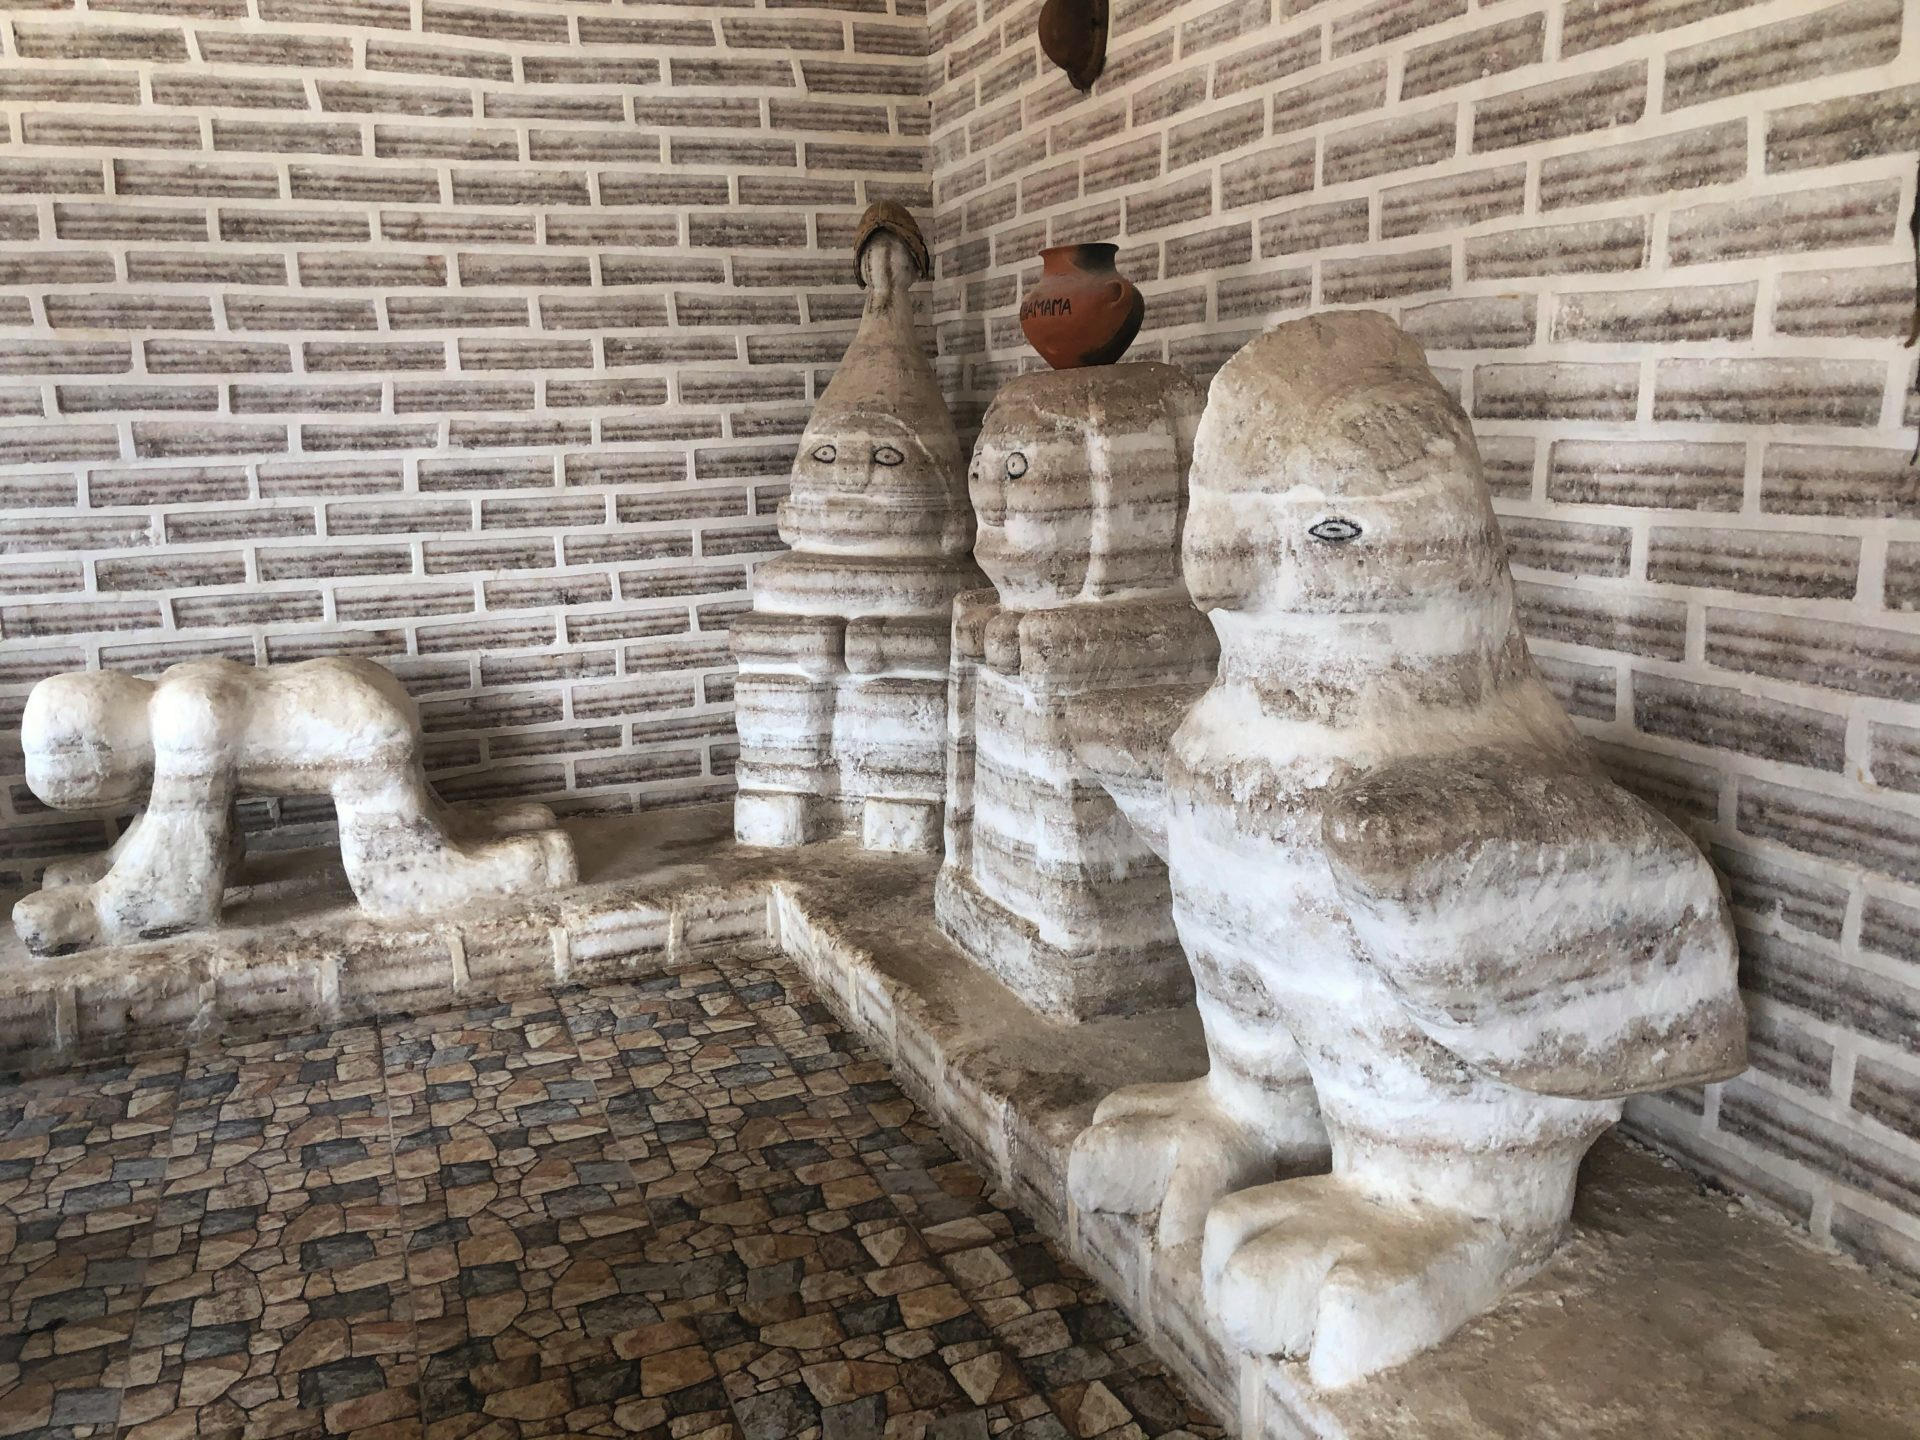 Alles aus Salz, Salzfabrik Uyuni Bolivien